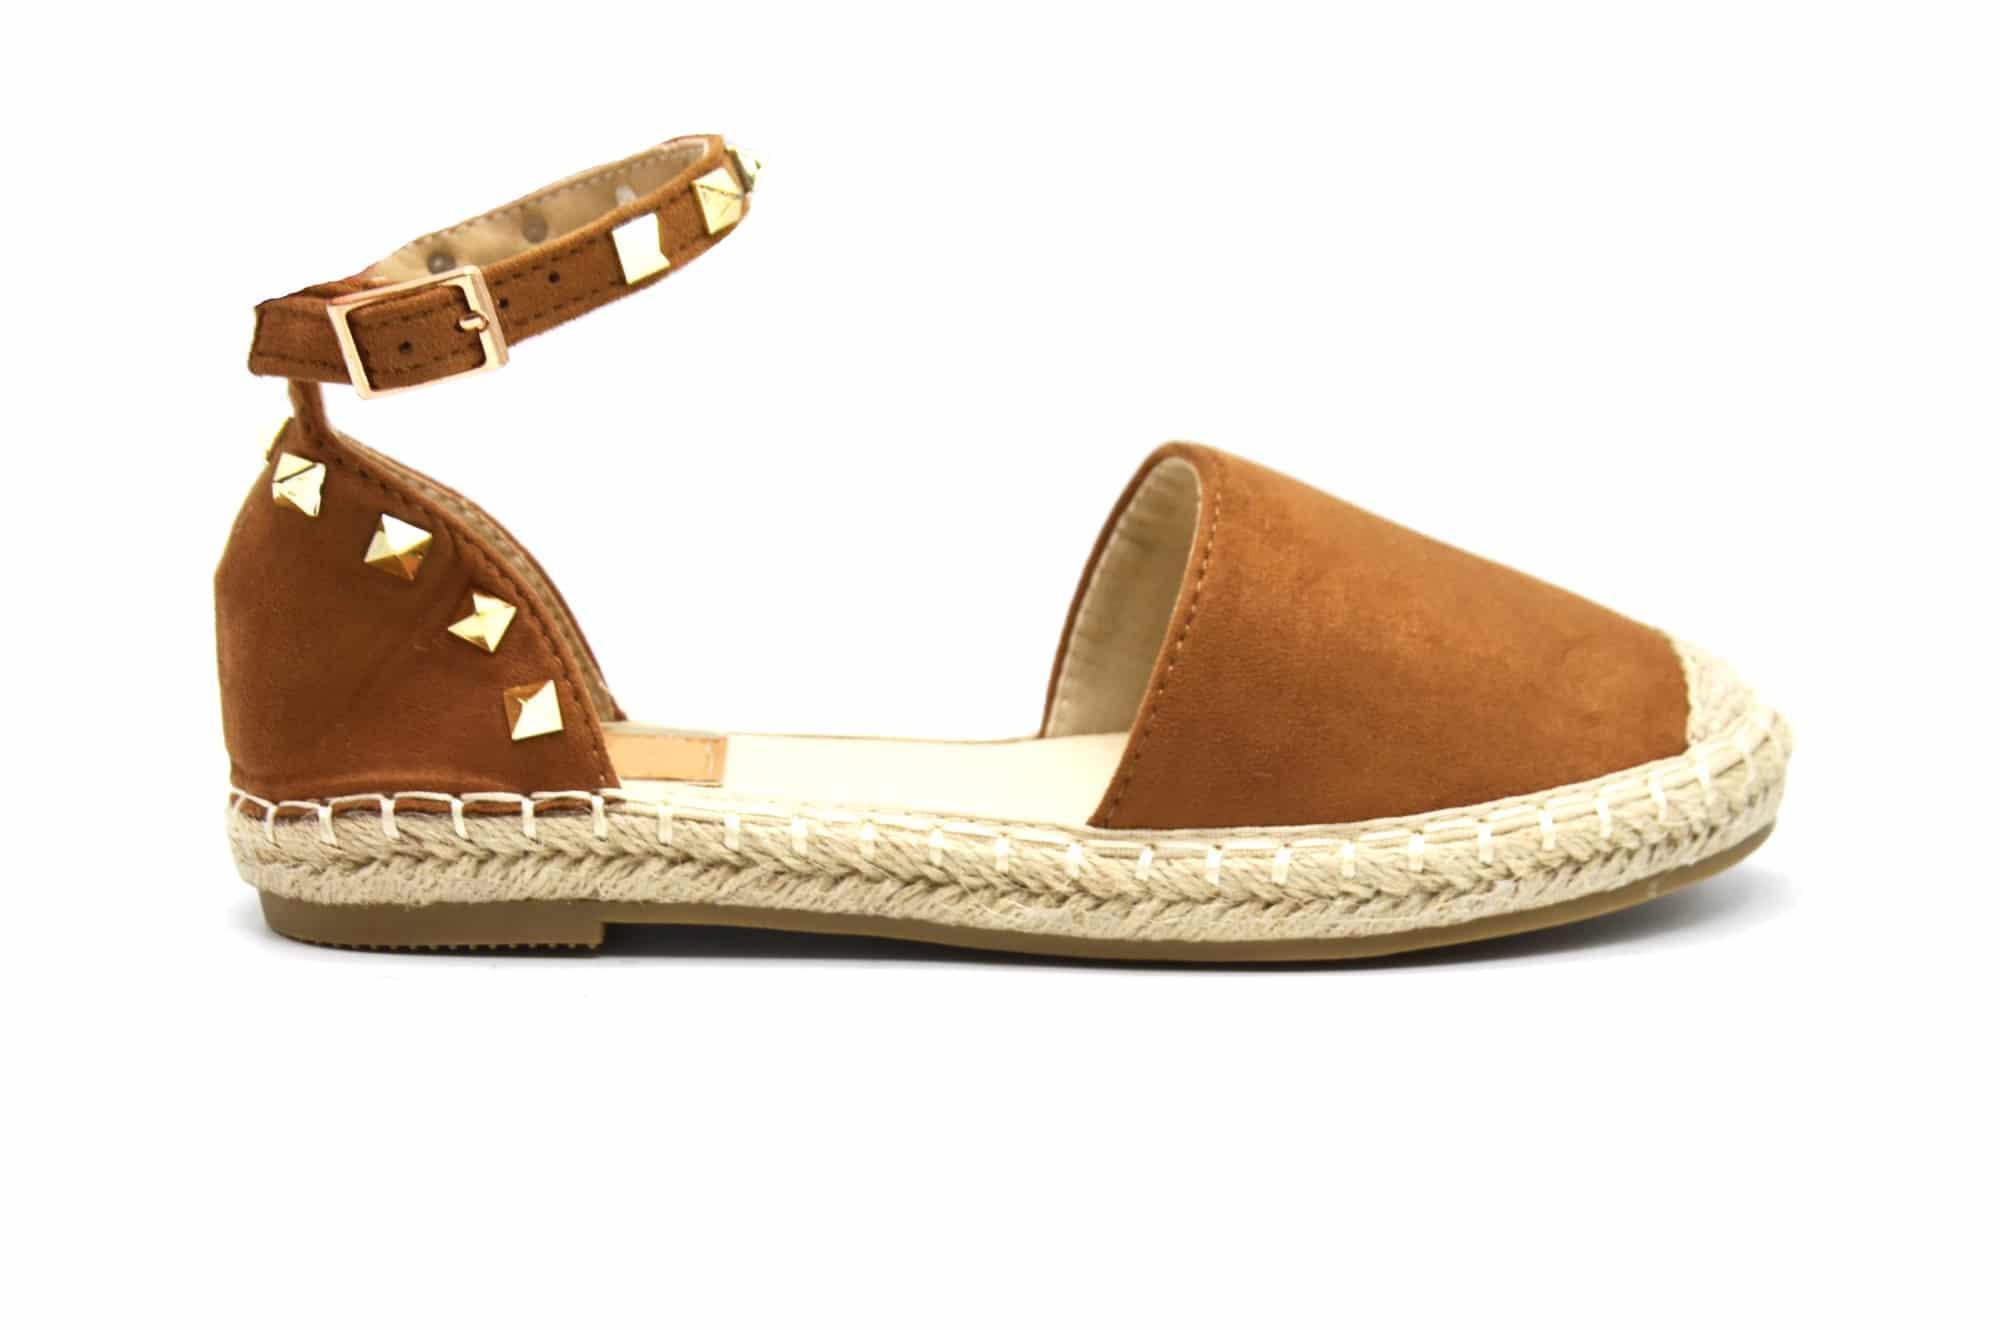 exclusive shoes how to buy unique design SHP126 * Espadrilles Effet Daim Camel avec Bride Cheville, Clous Métal Doré  et Semelle Paille